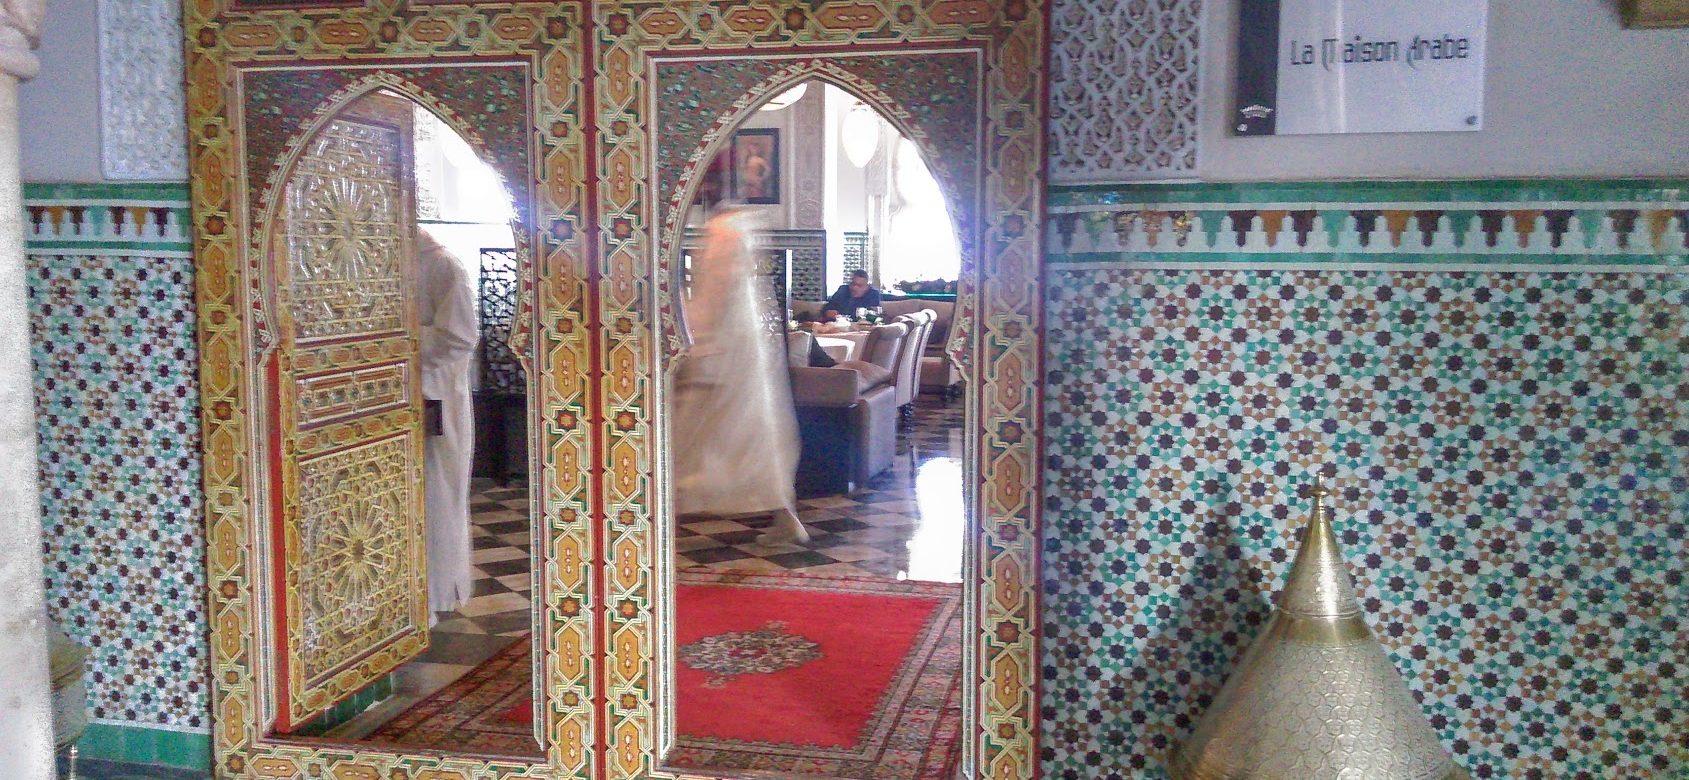 Maroc: Forte hausse du tourisme portée par le marché asiatique